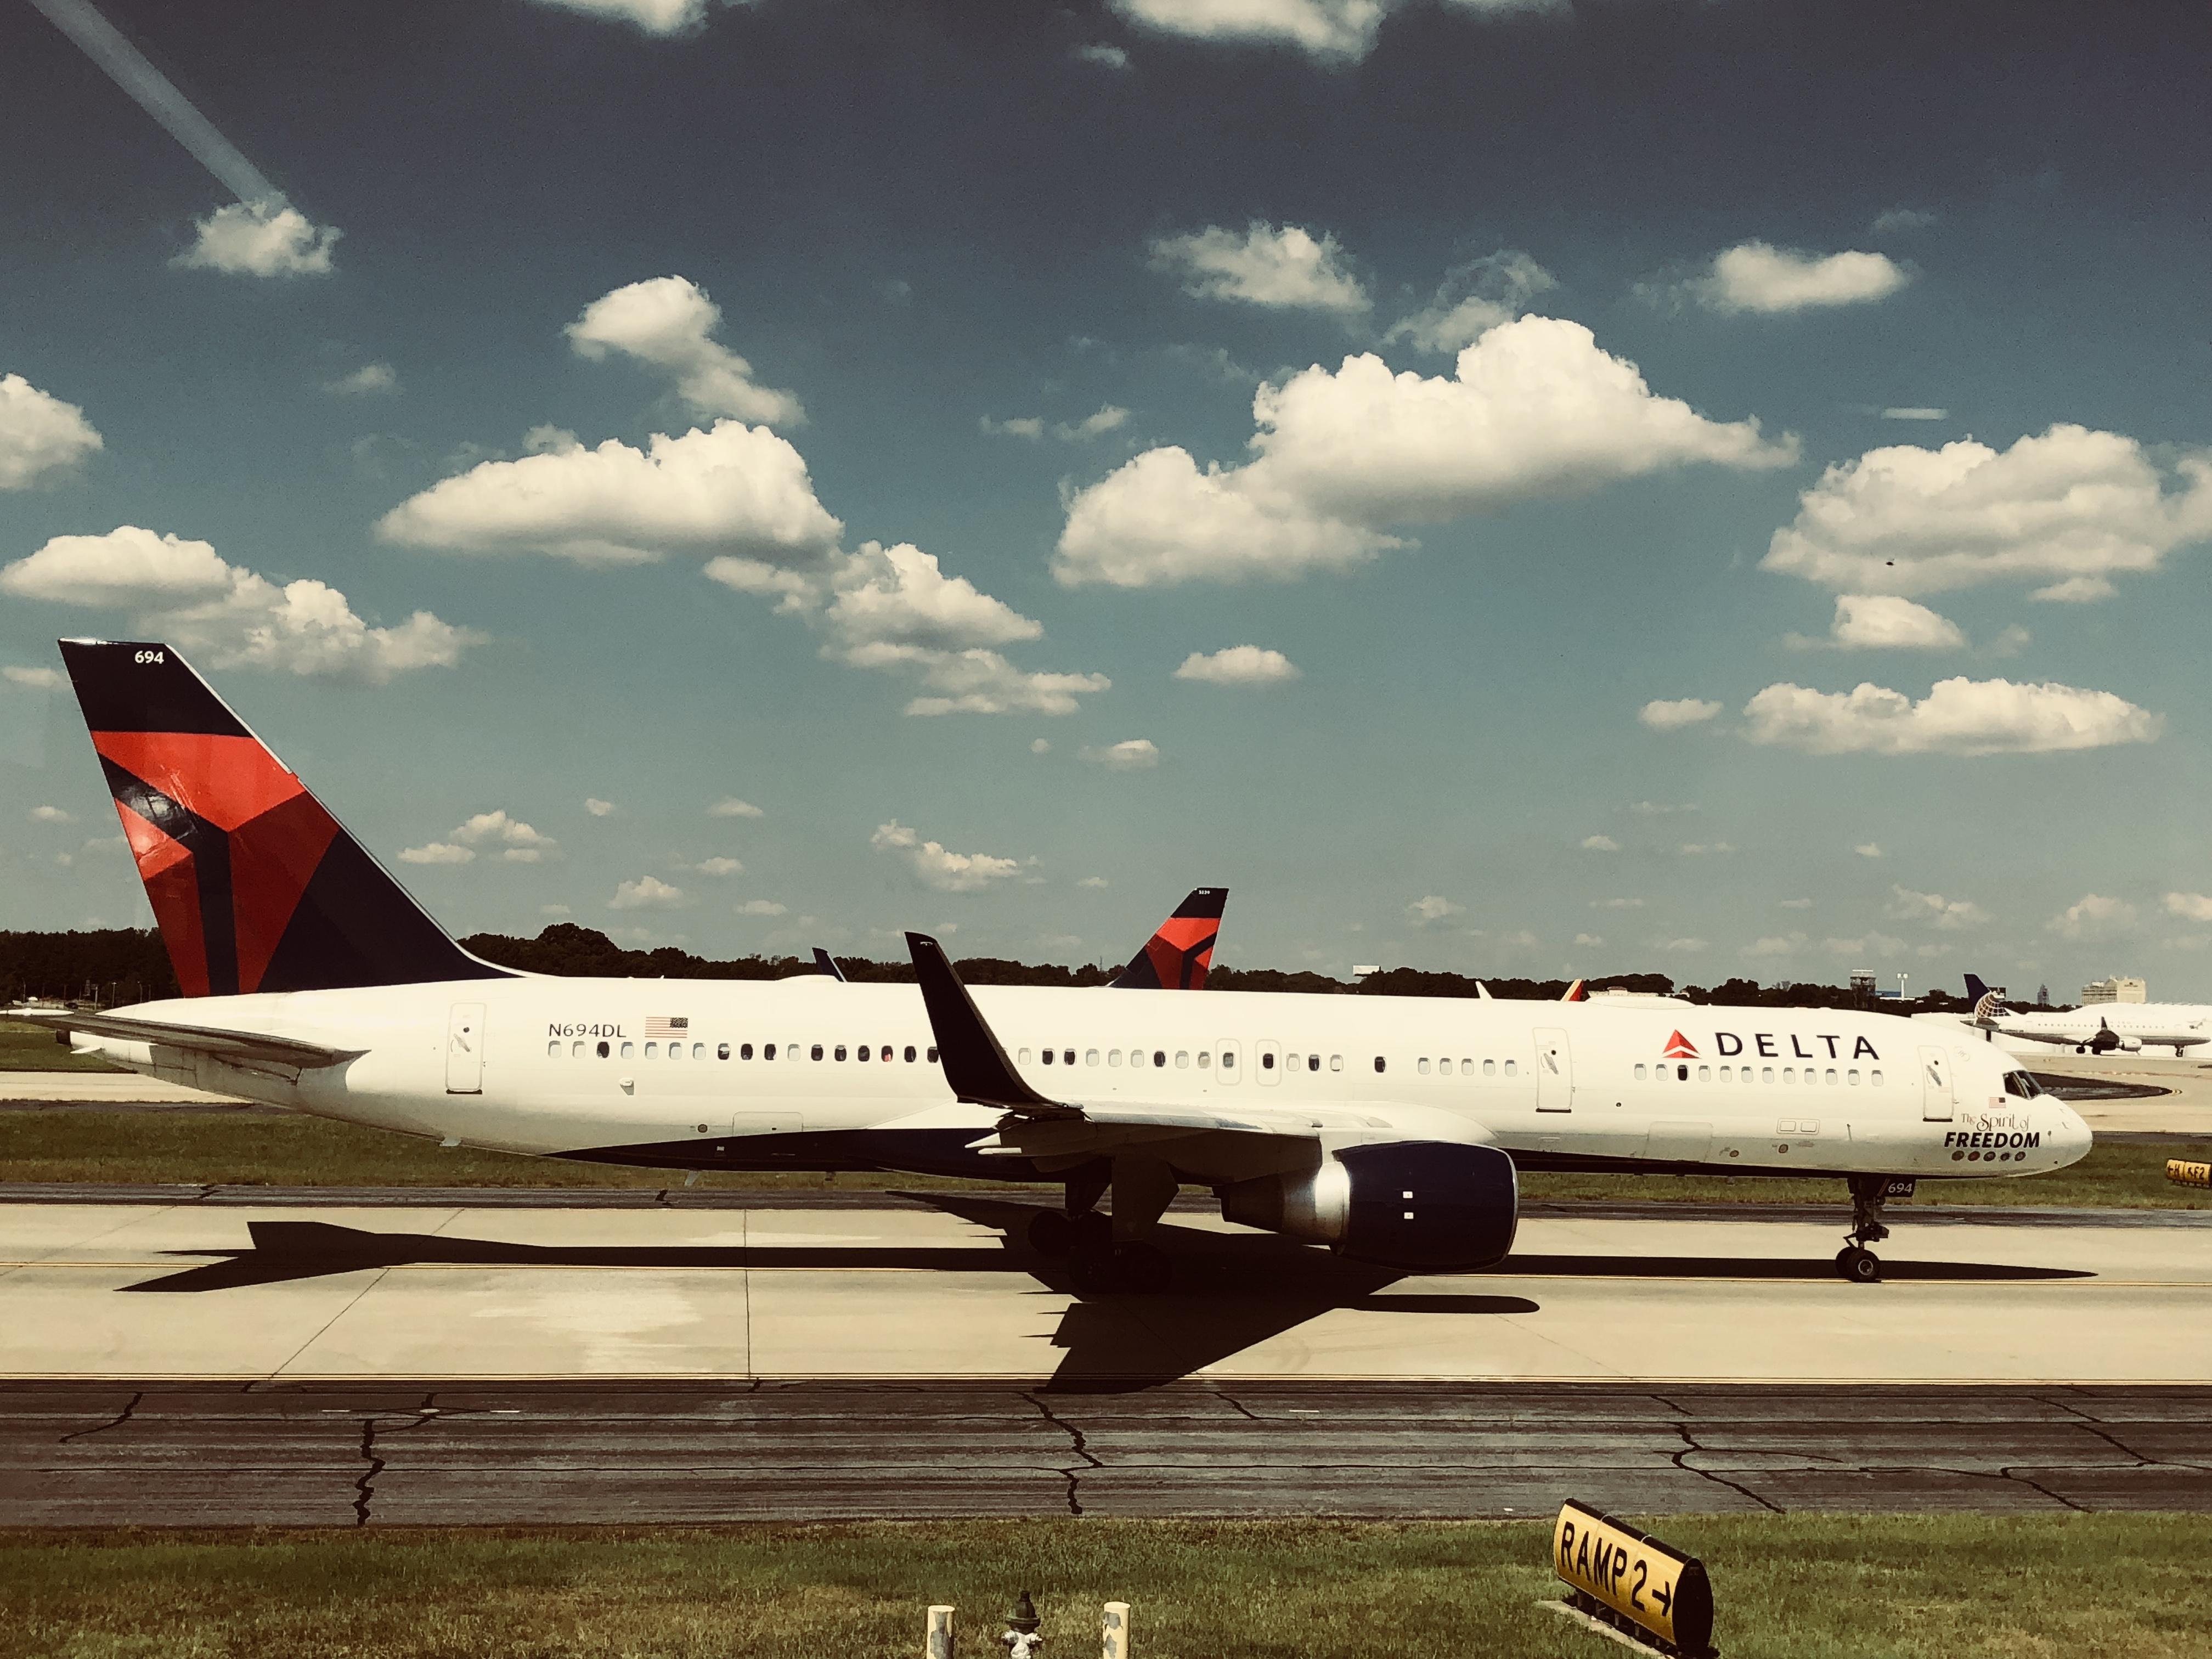 US-TRANSPORT-AIRPORT-ATLANTA